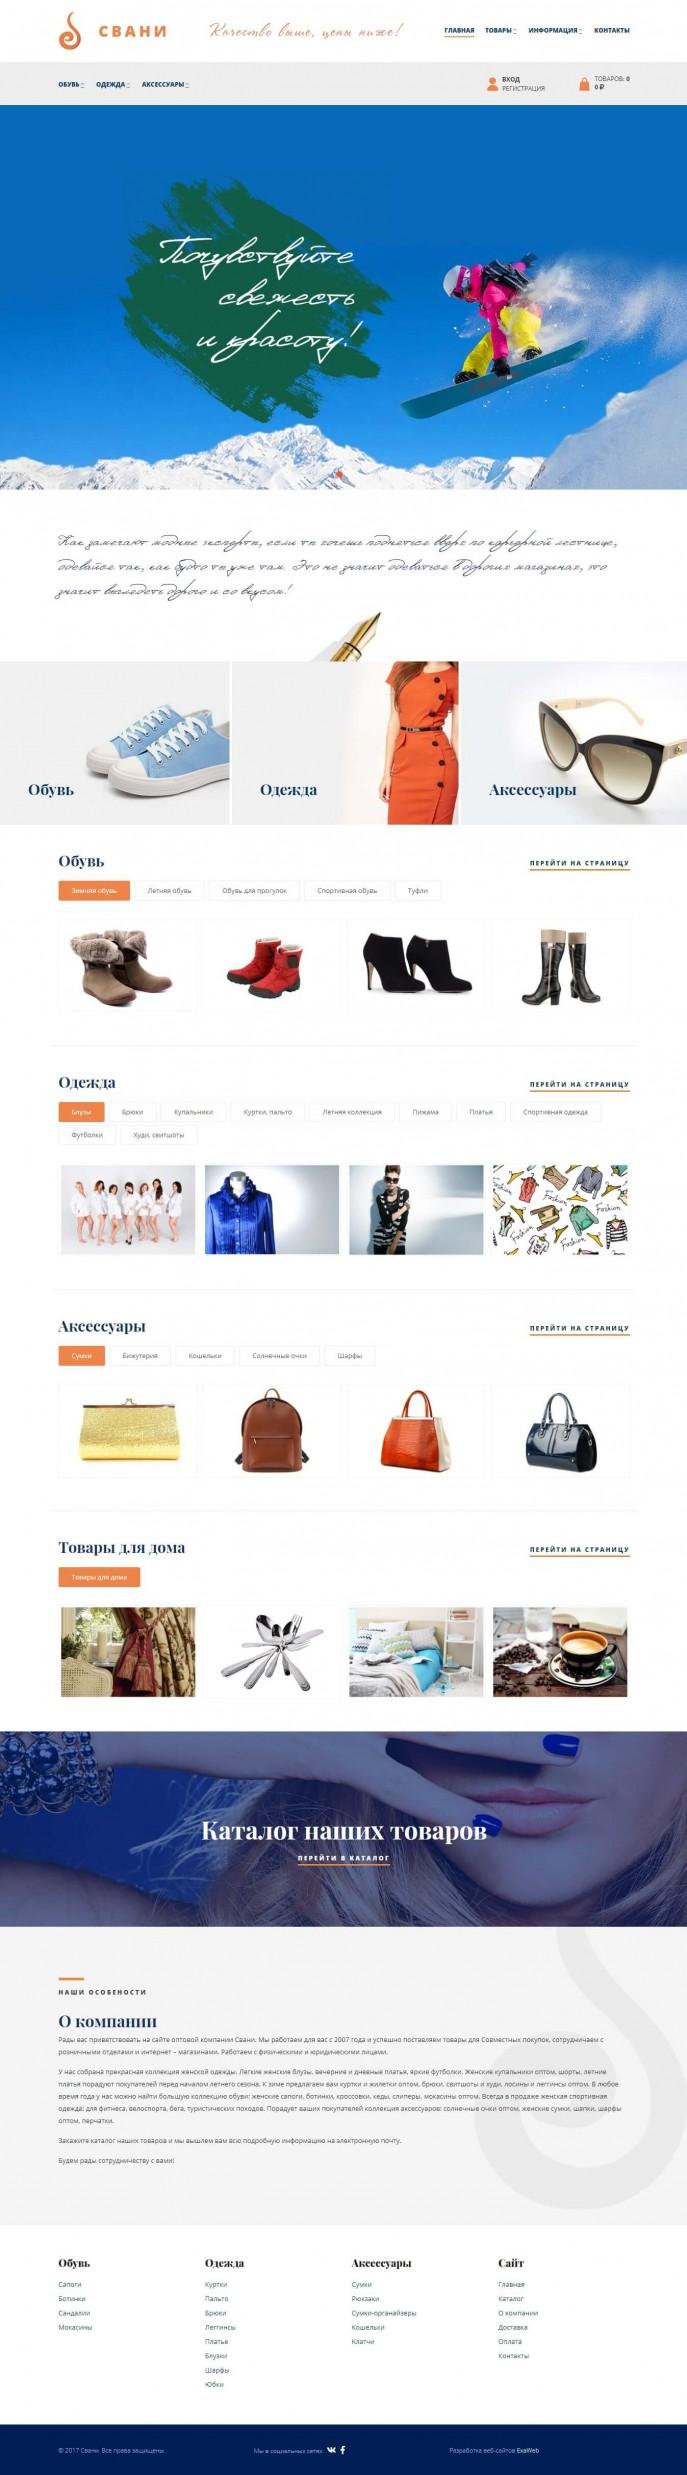 Свани -  магазин одежды